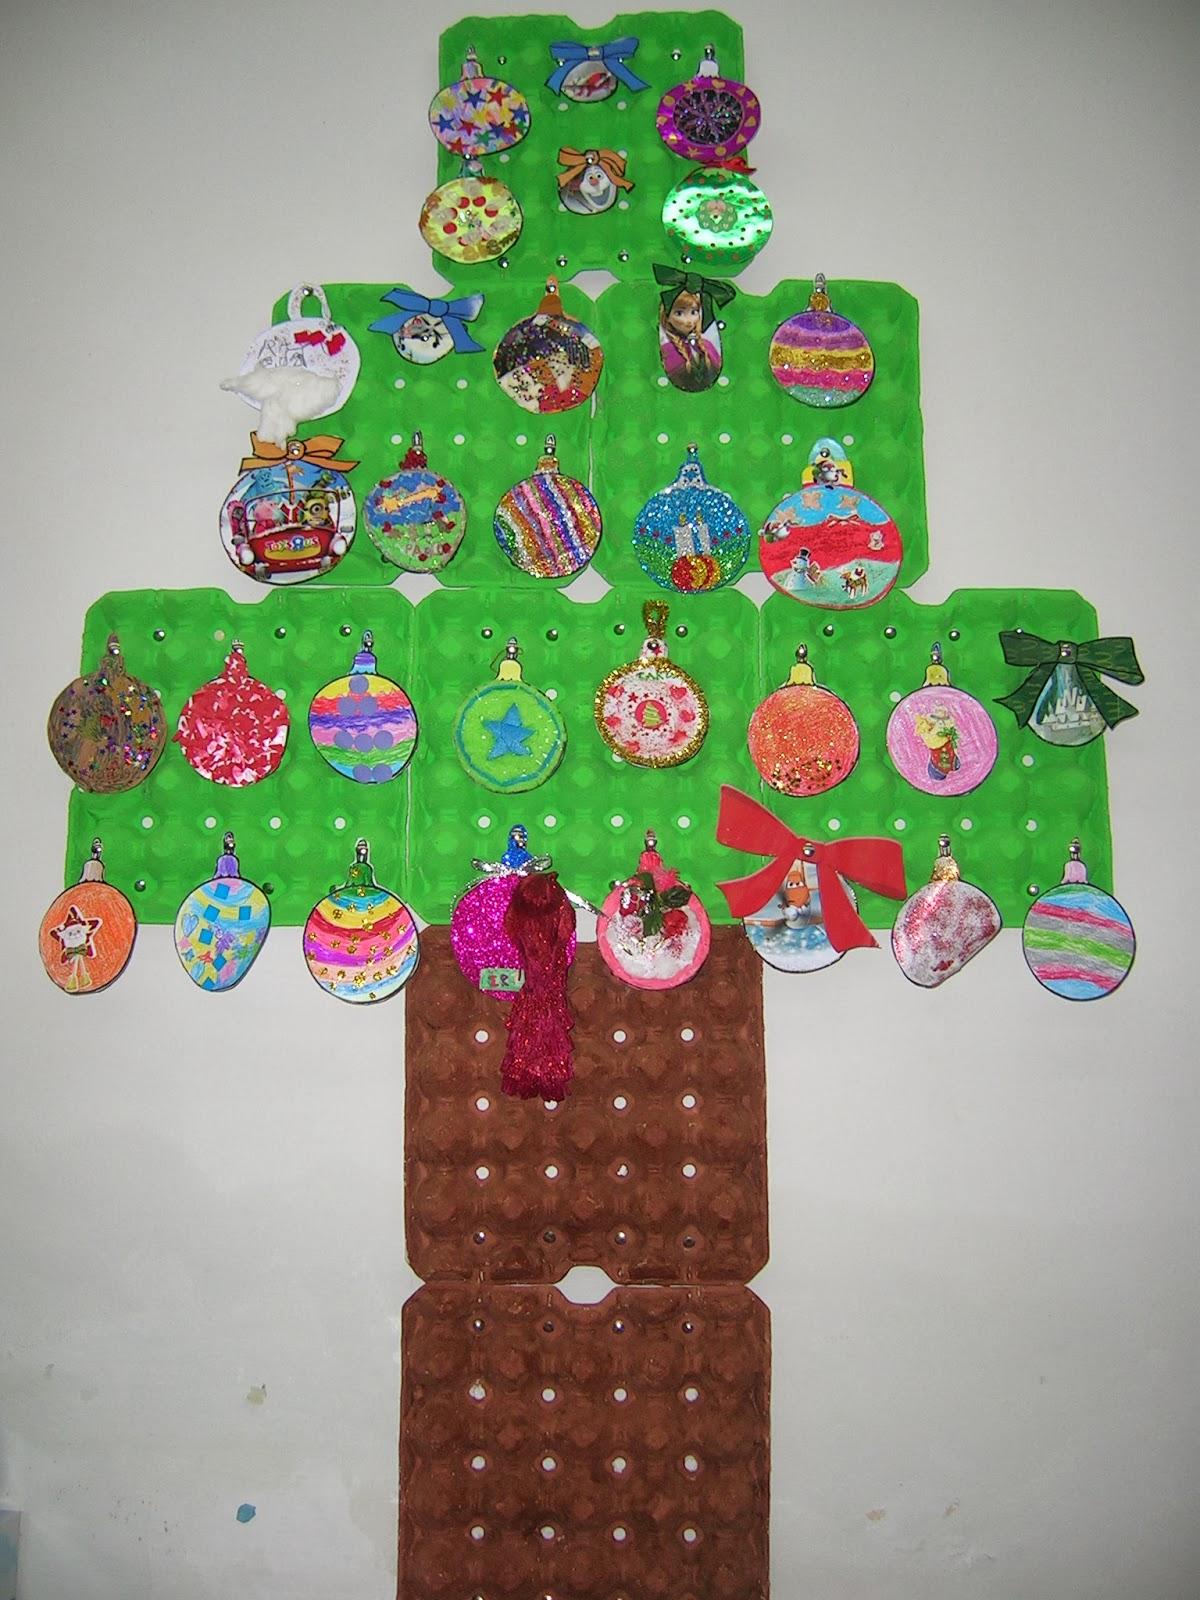 Trabajando en educaci n infantil rboles de navidad 2 for Arbol navidad infantil